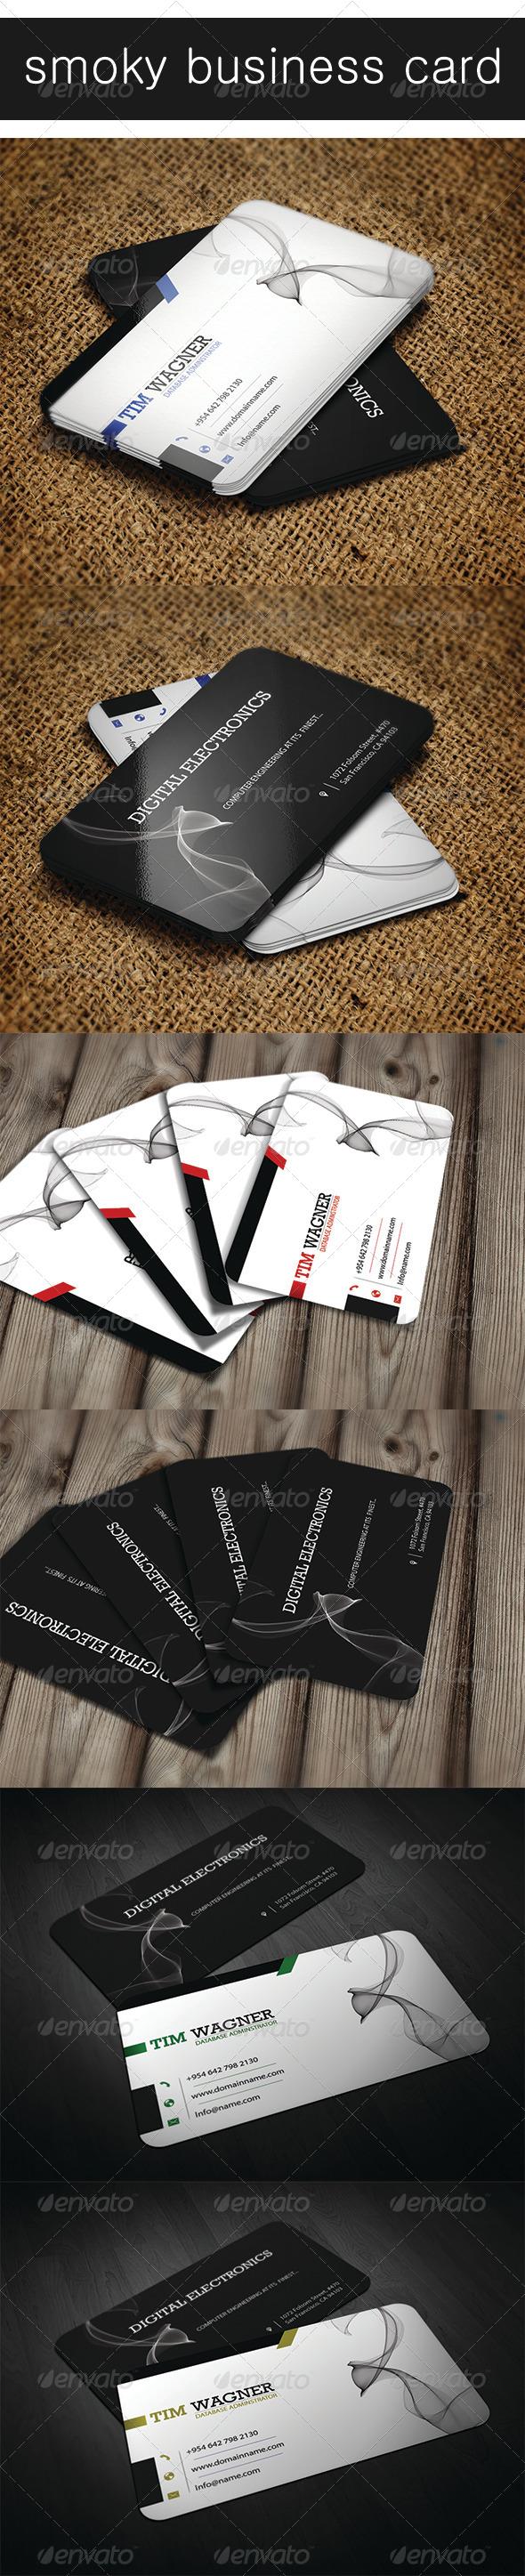 GraphicRiver Smoky Business Card 4649654